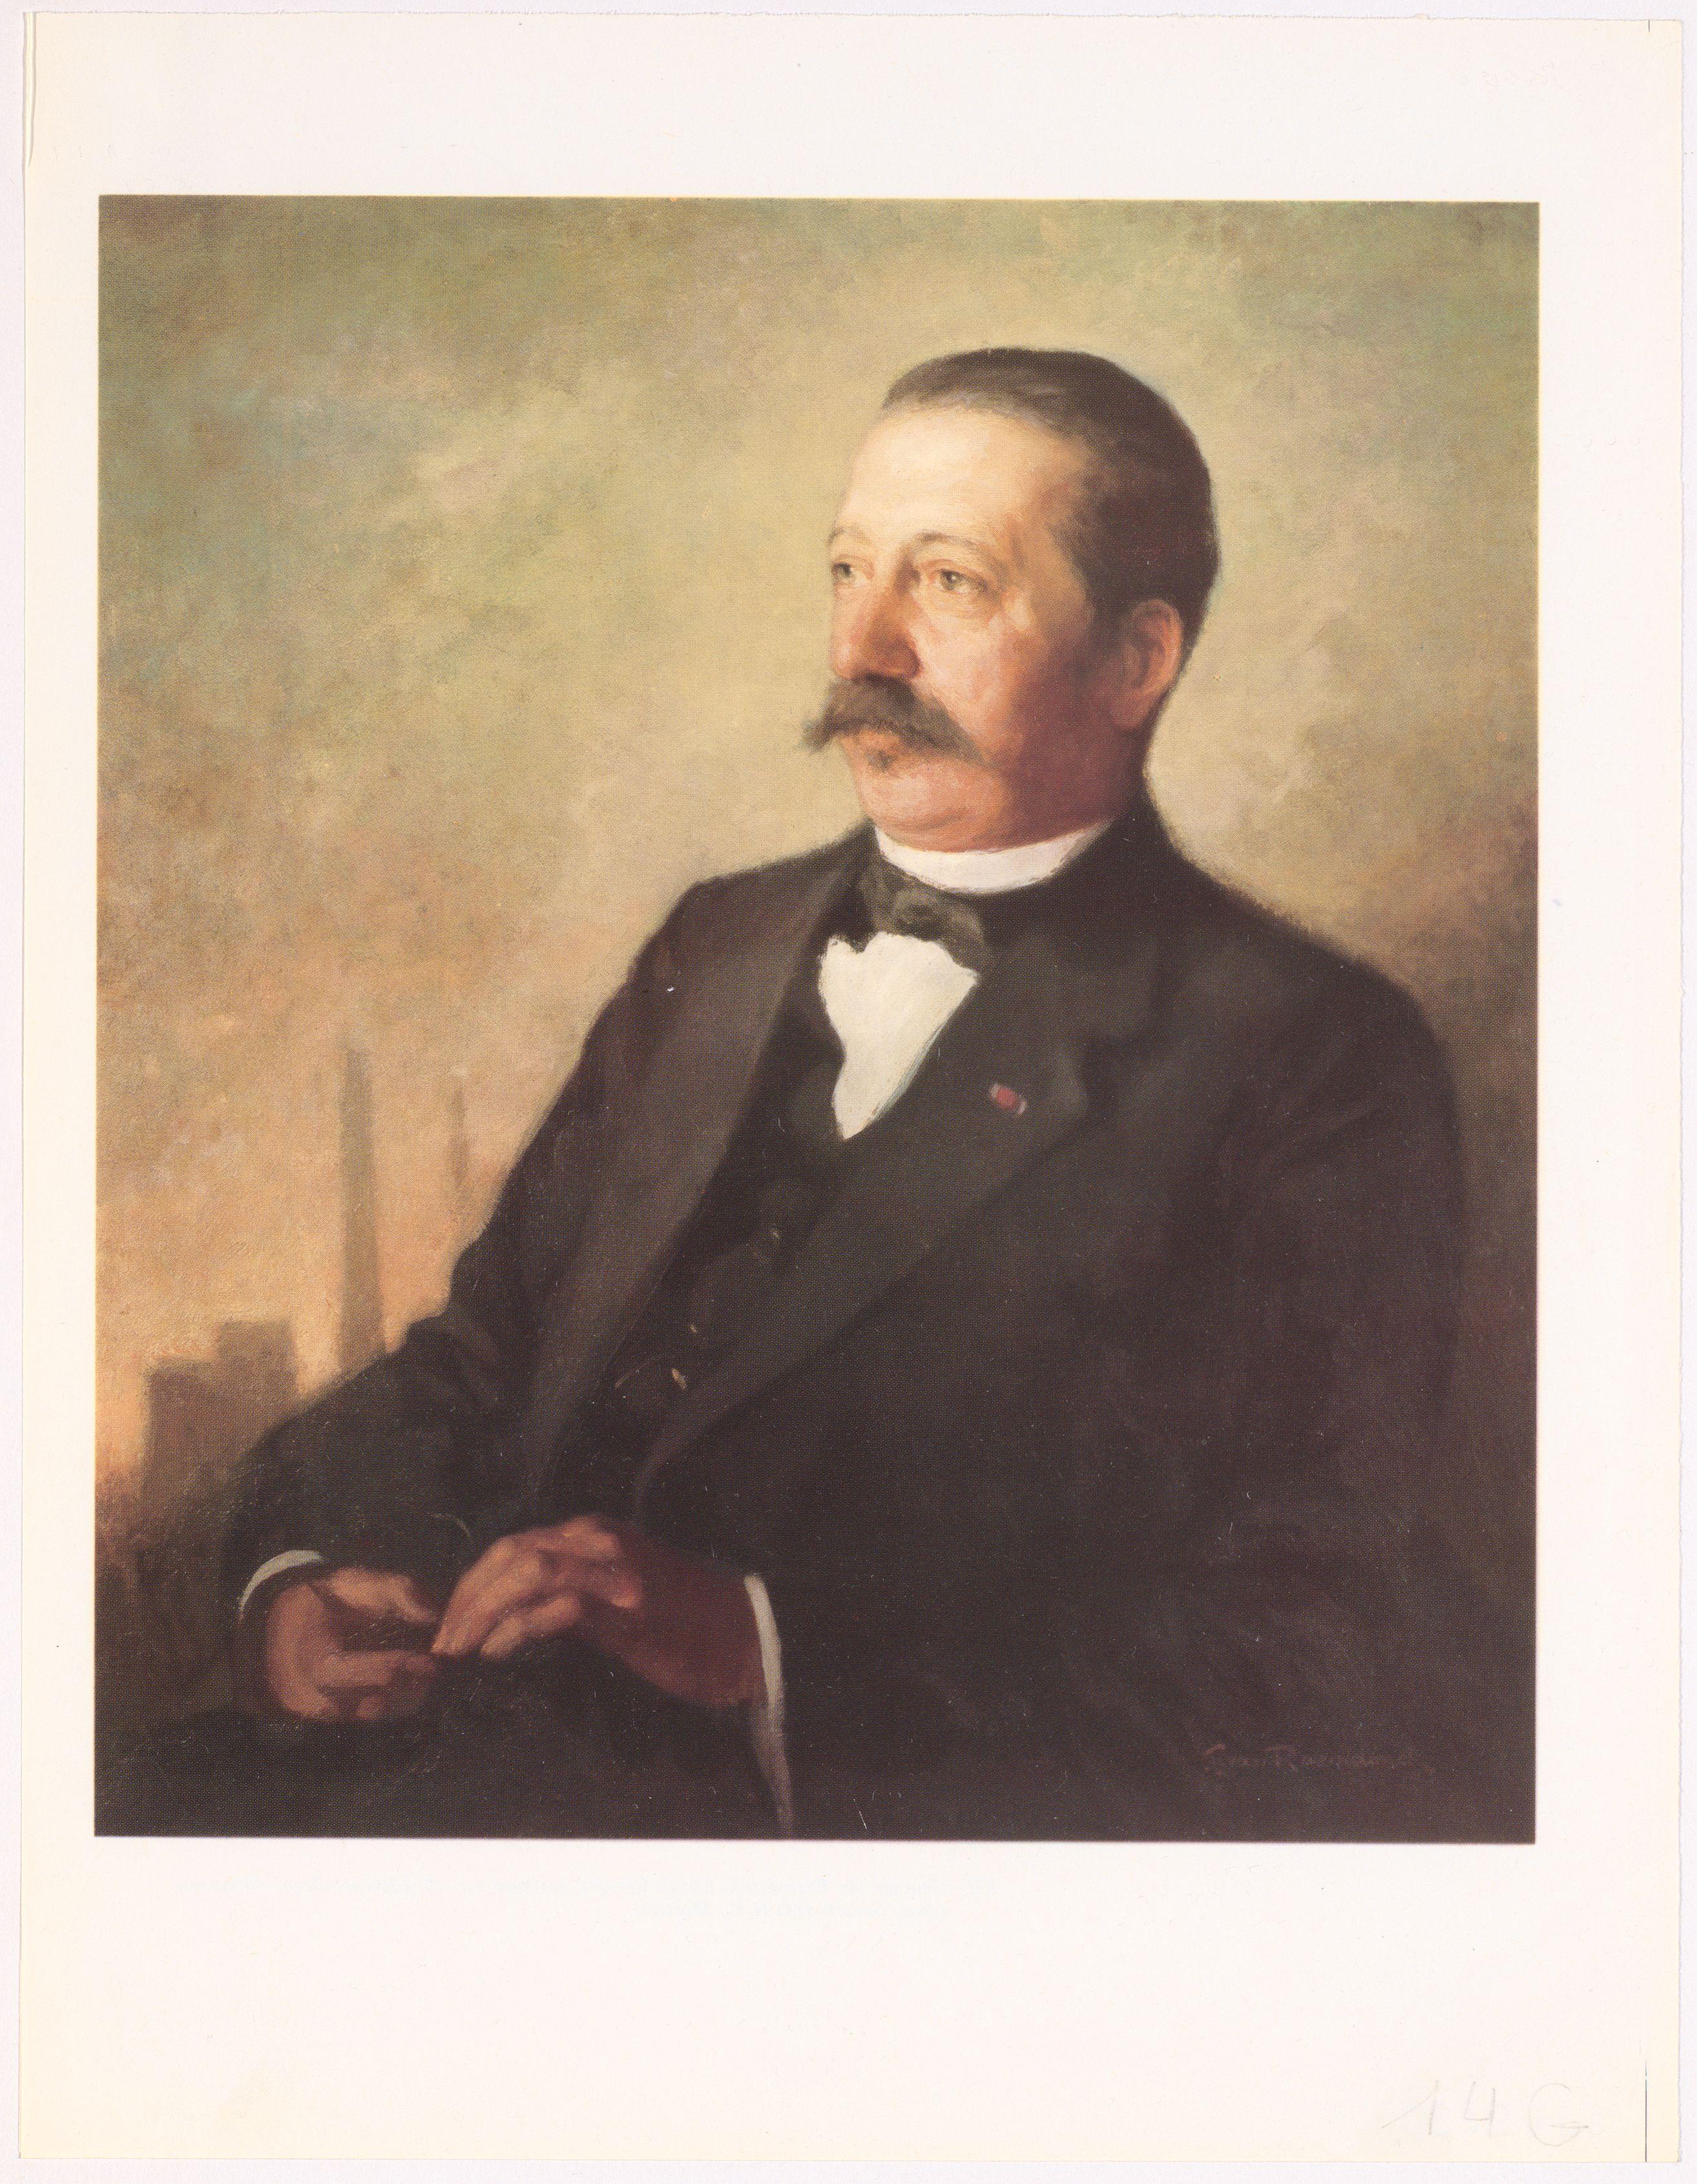 Image of Lieven Gevaert from Wikidata